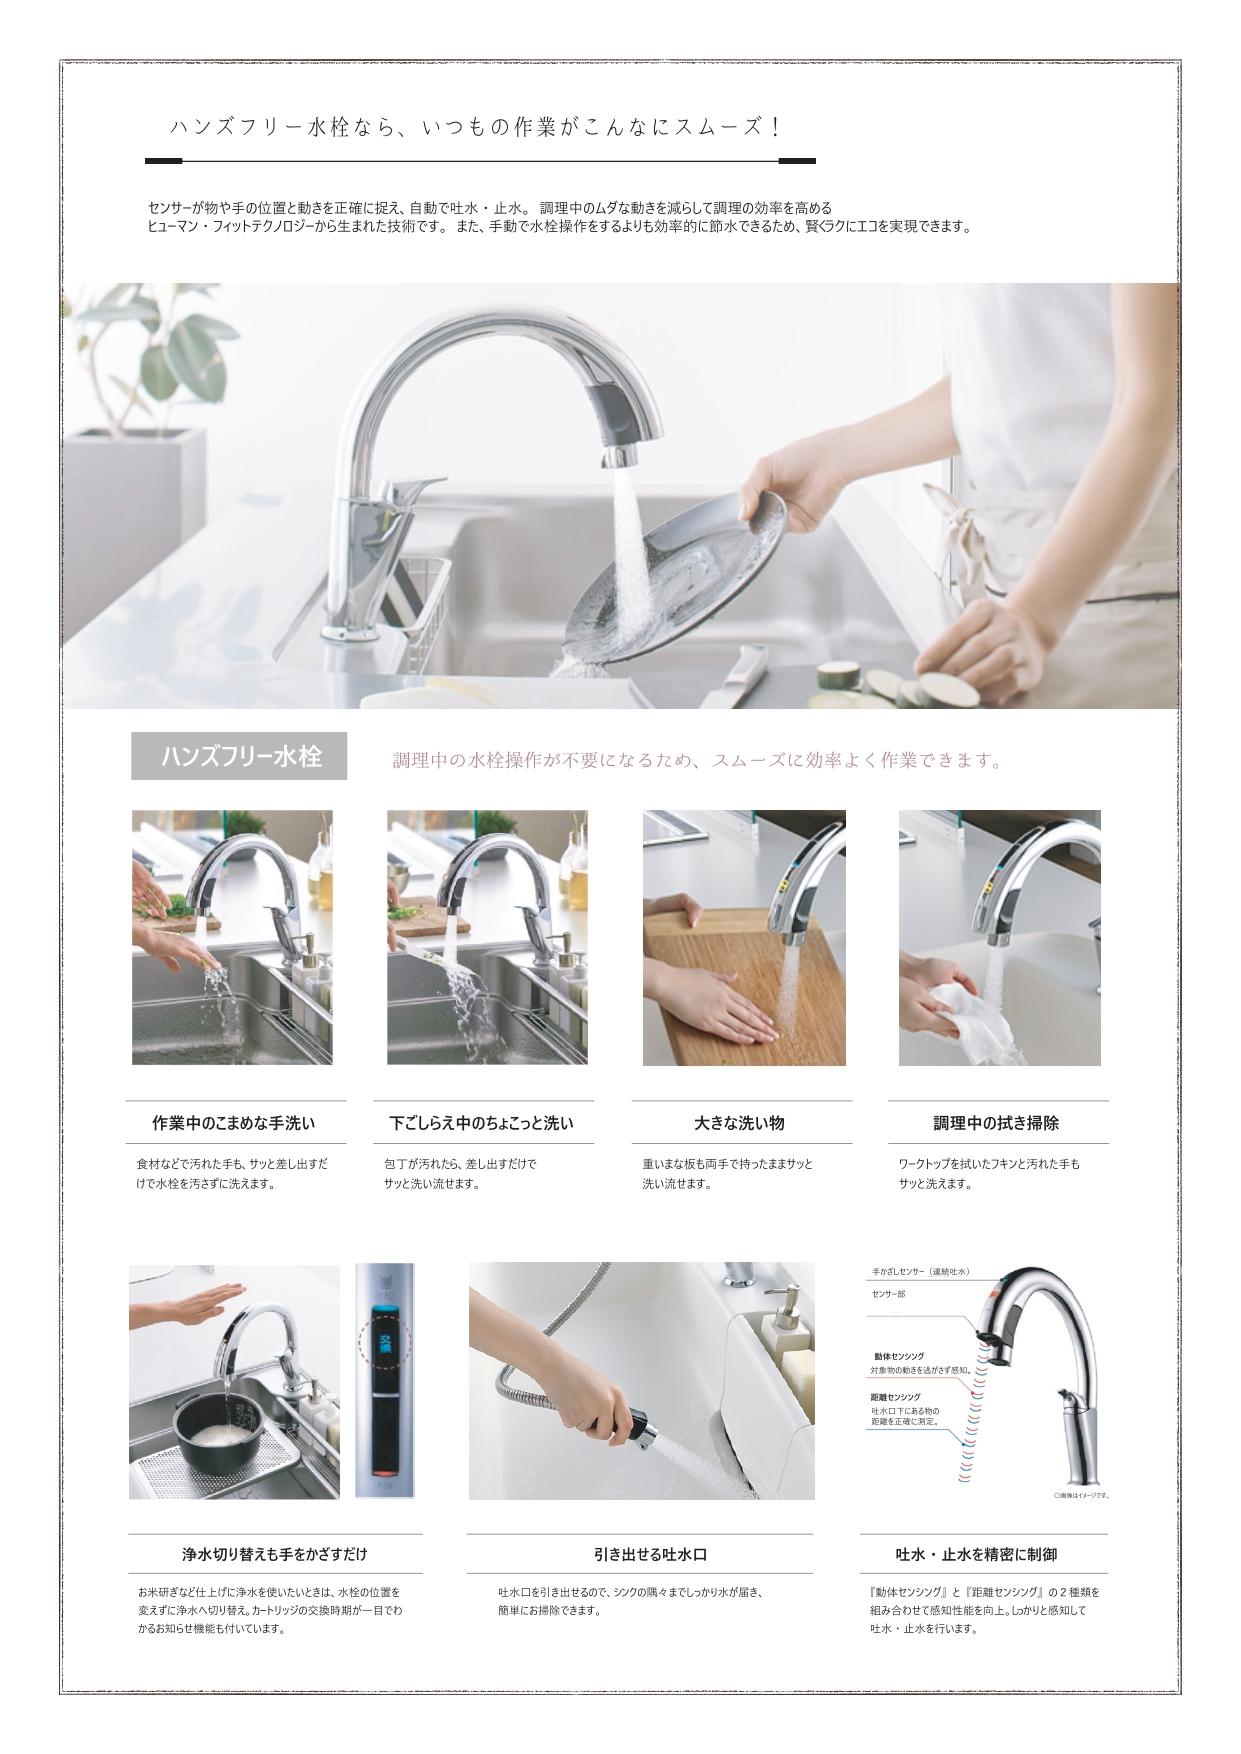 LIXIL設備キッチン